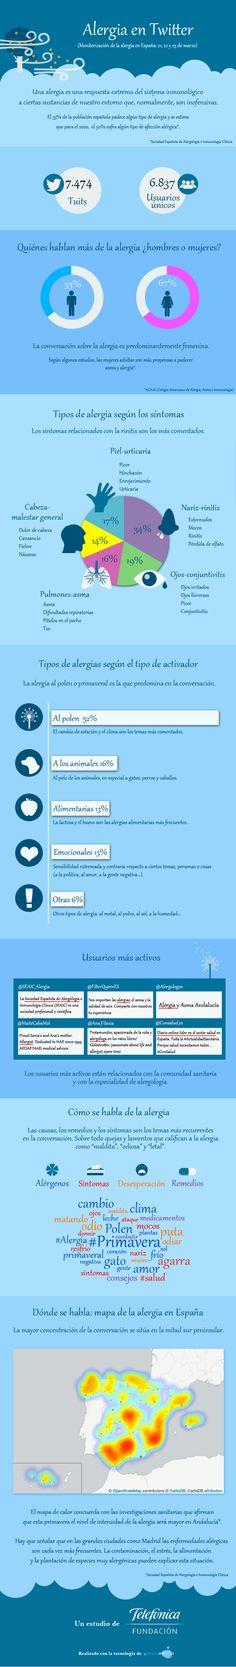 Mapa de las alergias en España: la alergia en Twitter